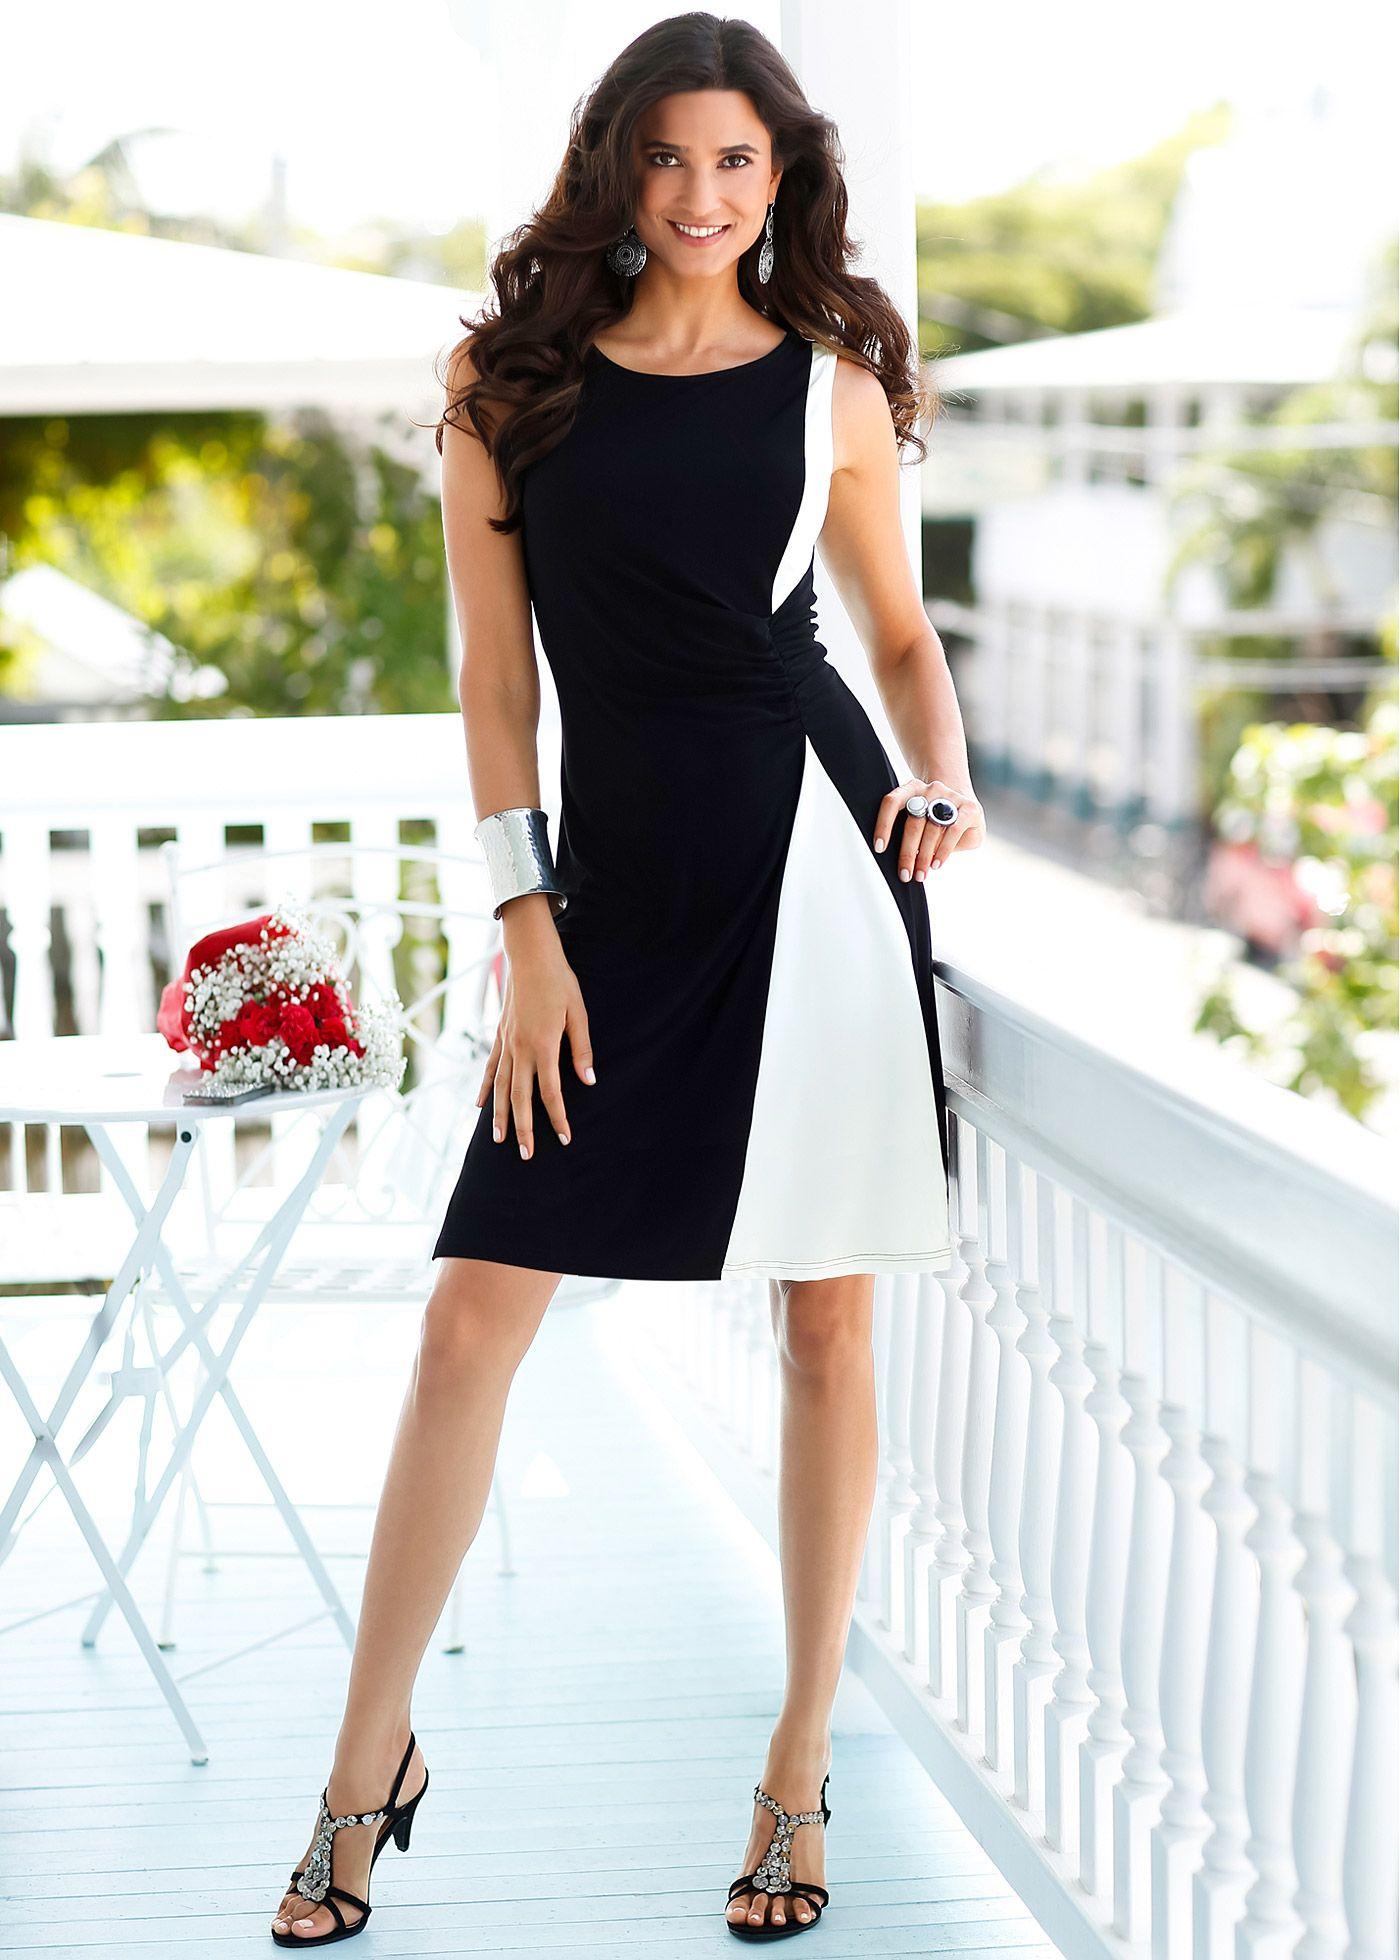 fee68132a Vestido crú preto estampado encomendar agora na loja on-line bonprix.de R   89